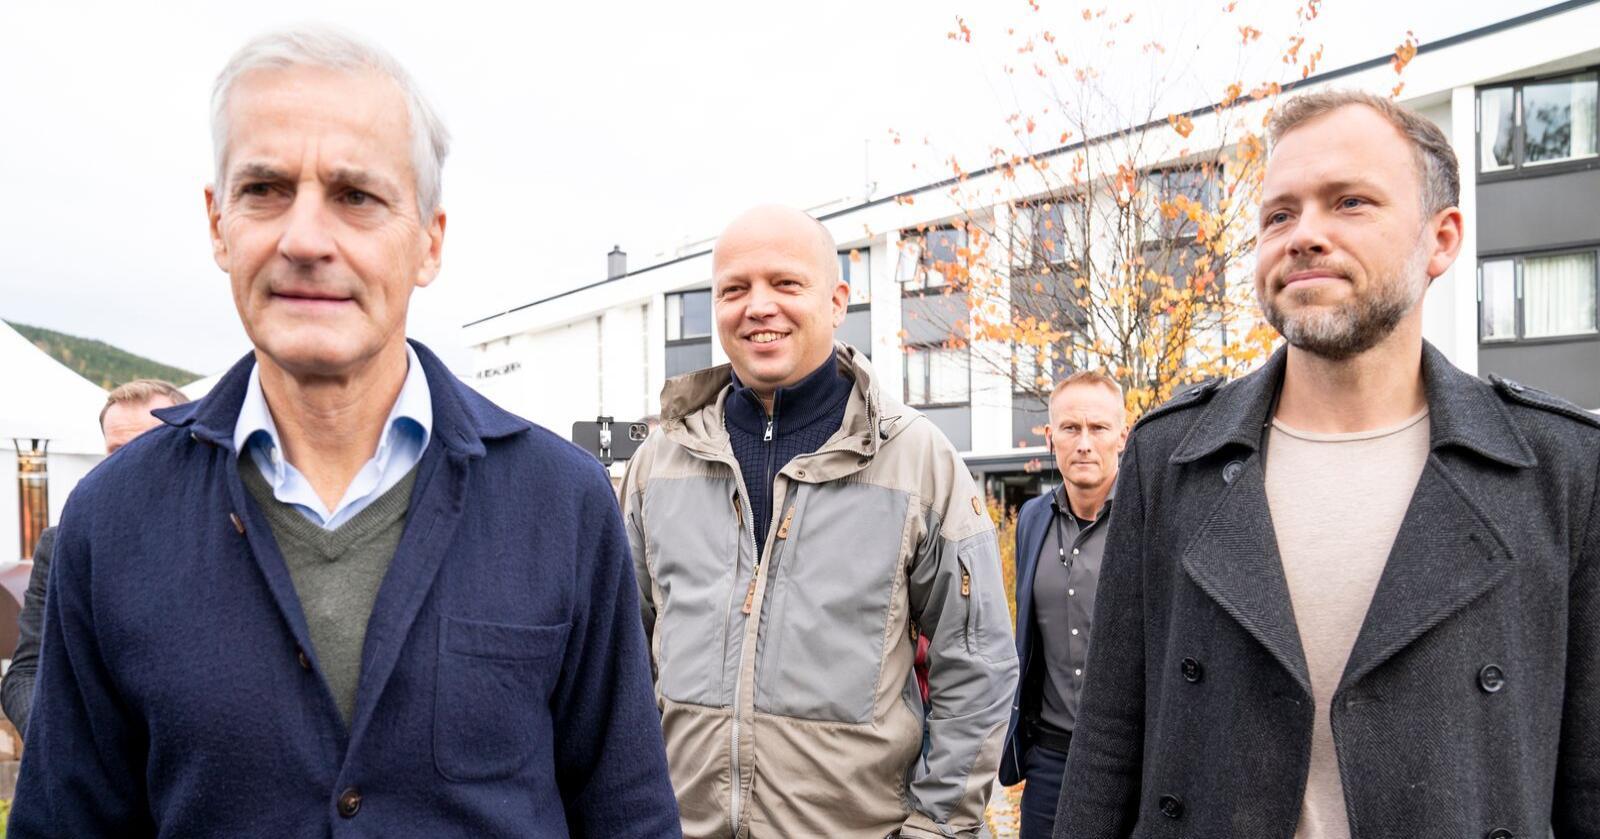 Jonas Gahr Støre (Ap), Audun Lysbakken (SV) og Trygve Slagsvold Vedum (Sp) ved Hurdalsjøen hotell for sonderinger om regjeringsforhandlinger mellom Ap, SV og Sp. Sonderingene fortsetter mandag. Foto: Torstein Bøe / NTB